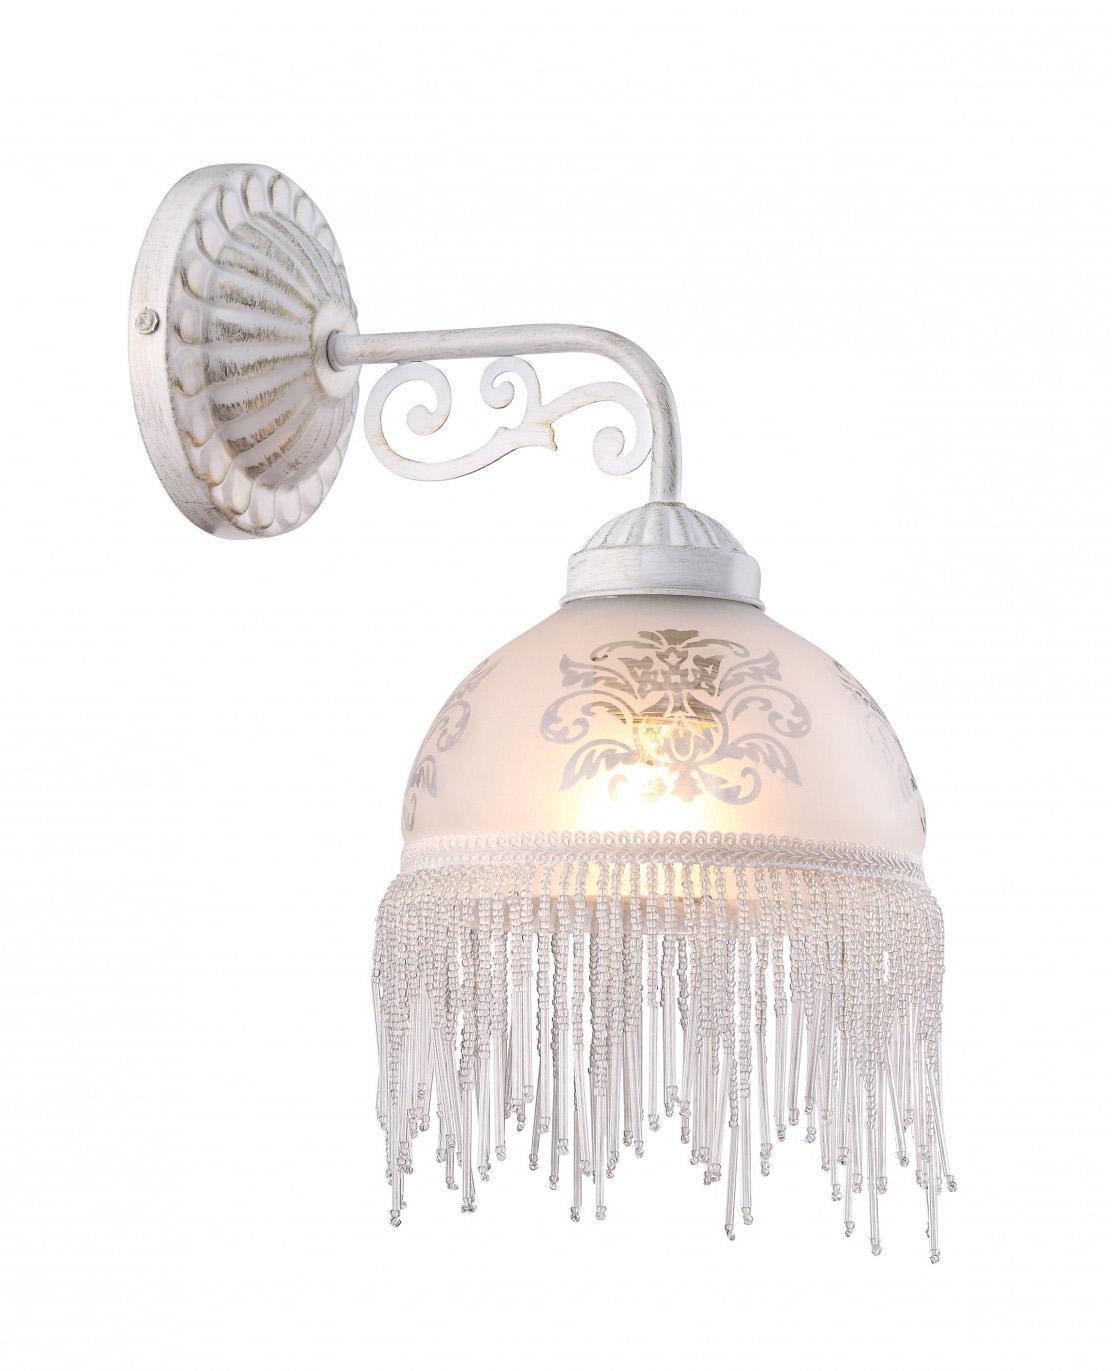 Бра Arte lampНастенные светильники и бра<br>Тип: бра,<br>Назначение светильника: для комнаты,<br>Стиль светильника: классика,<br>Материал светильника: металл,<br>Тип лампы: накаливания,<br>Количество ламп: 1,<br>Мощность: 40,<br>Патрон: Е27,<br>Цвет арматуры: белый,<br>Ширина: 160,<br>Высота: 320,<br>Удаление от стены: 240,<br>Коллекция: 9560<br>